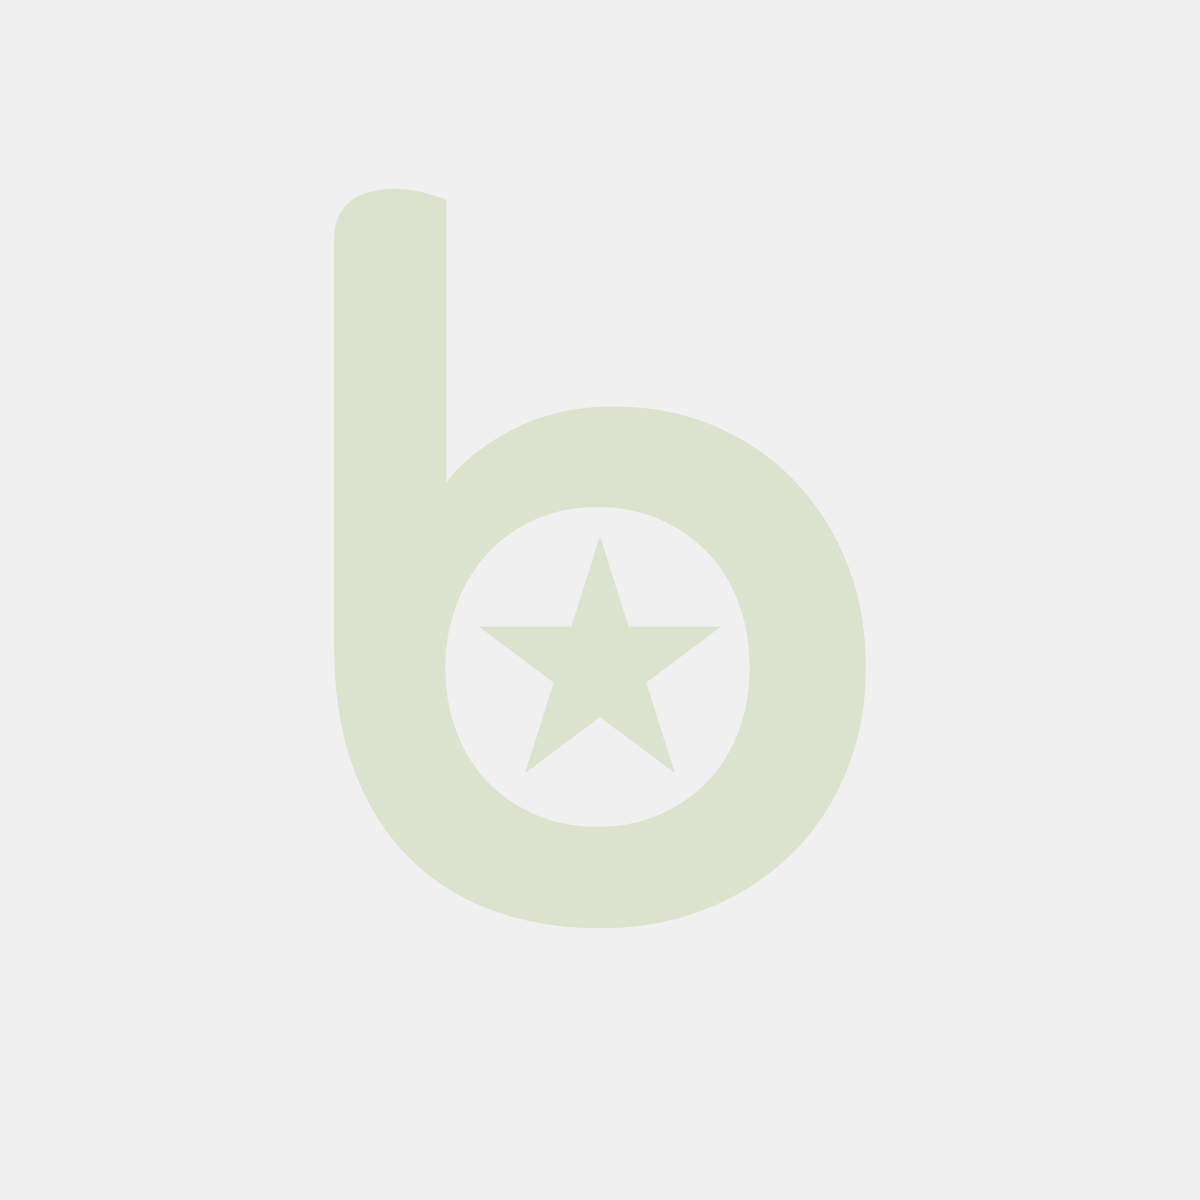 Stojak do dozowników - dł. 310 mm - kod 598801